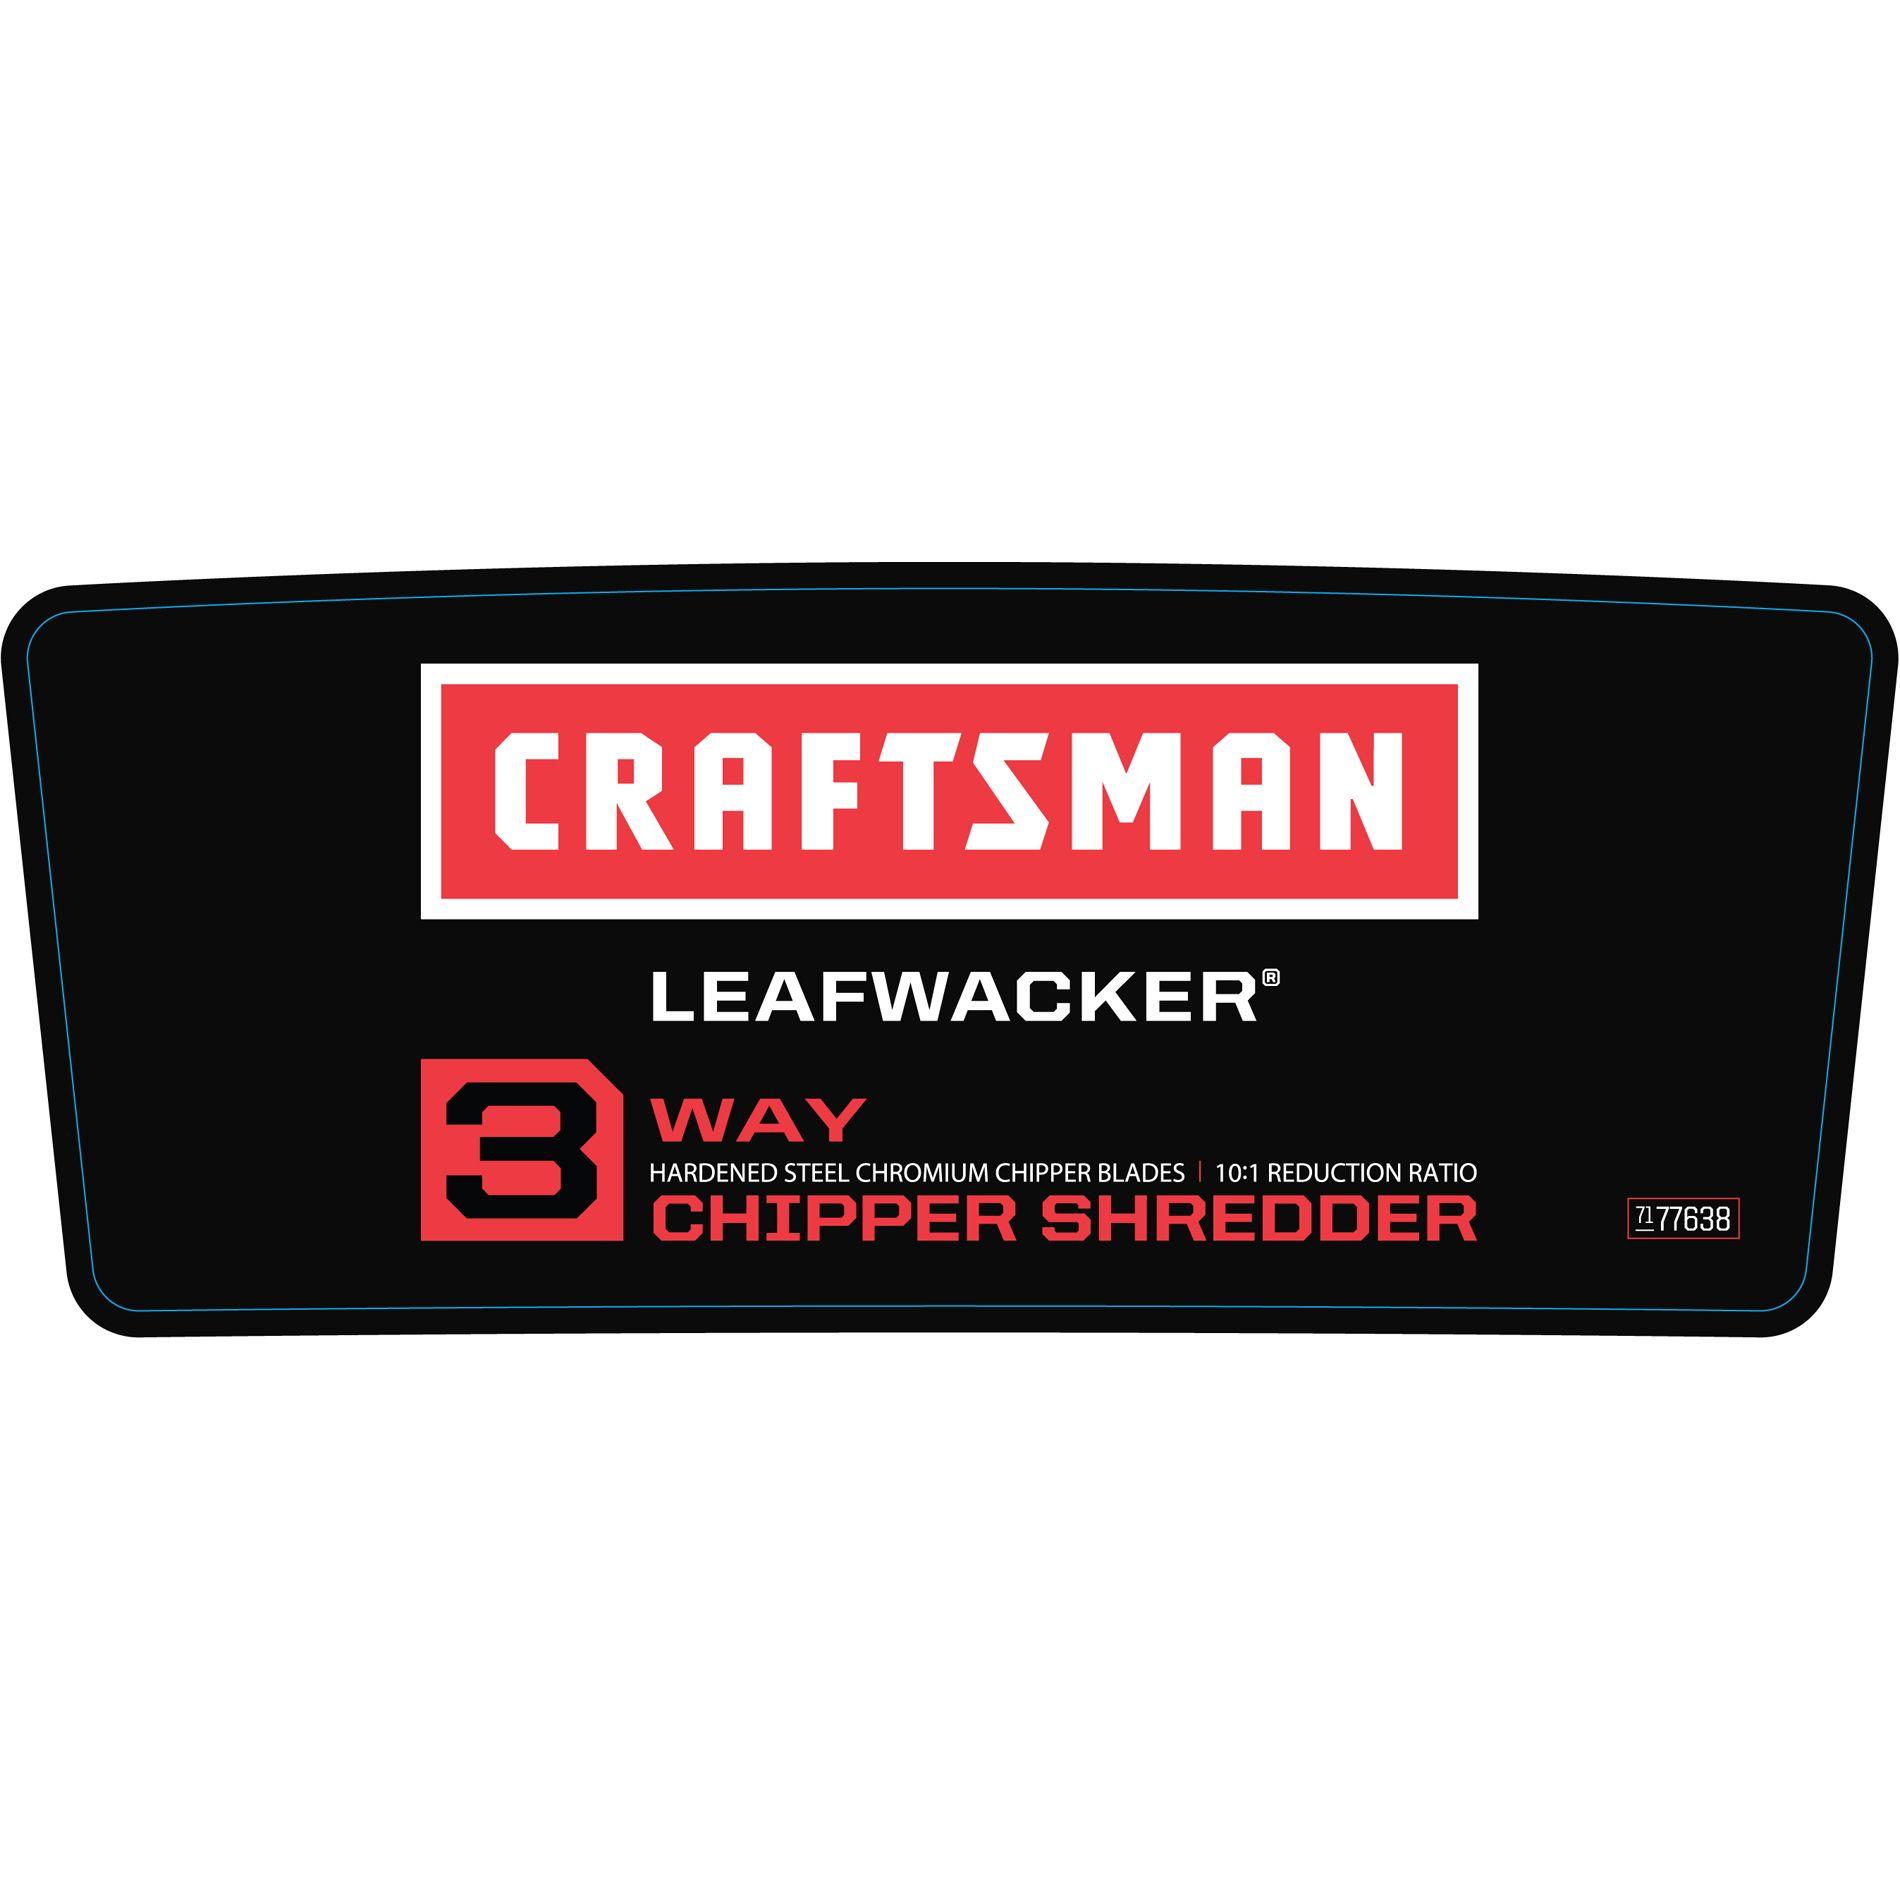 Craftsman 305cc 3-Way Chipper Shredder